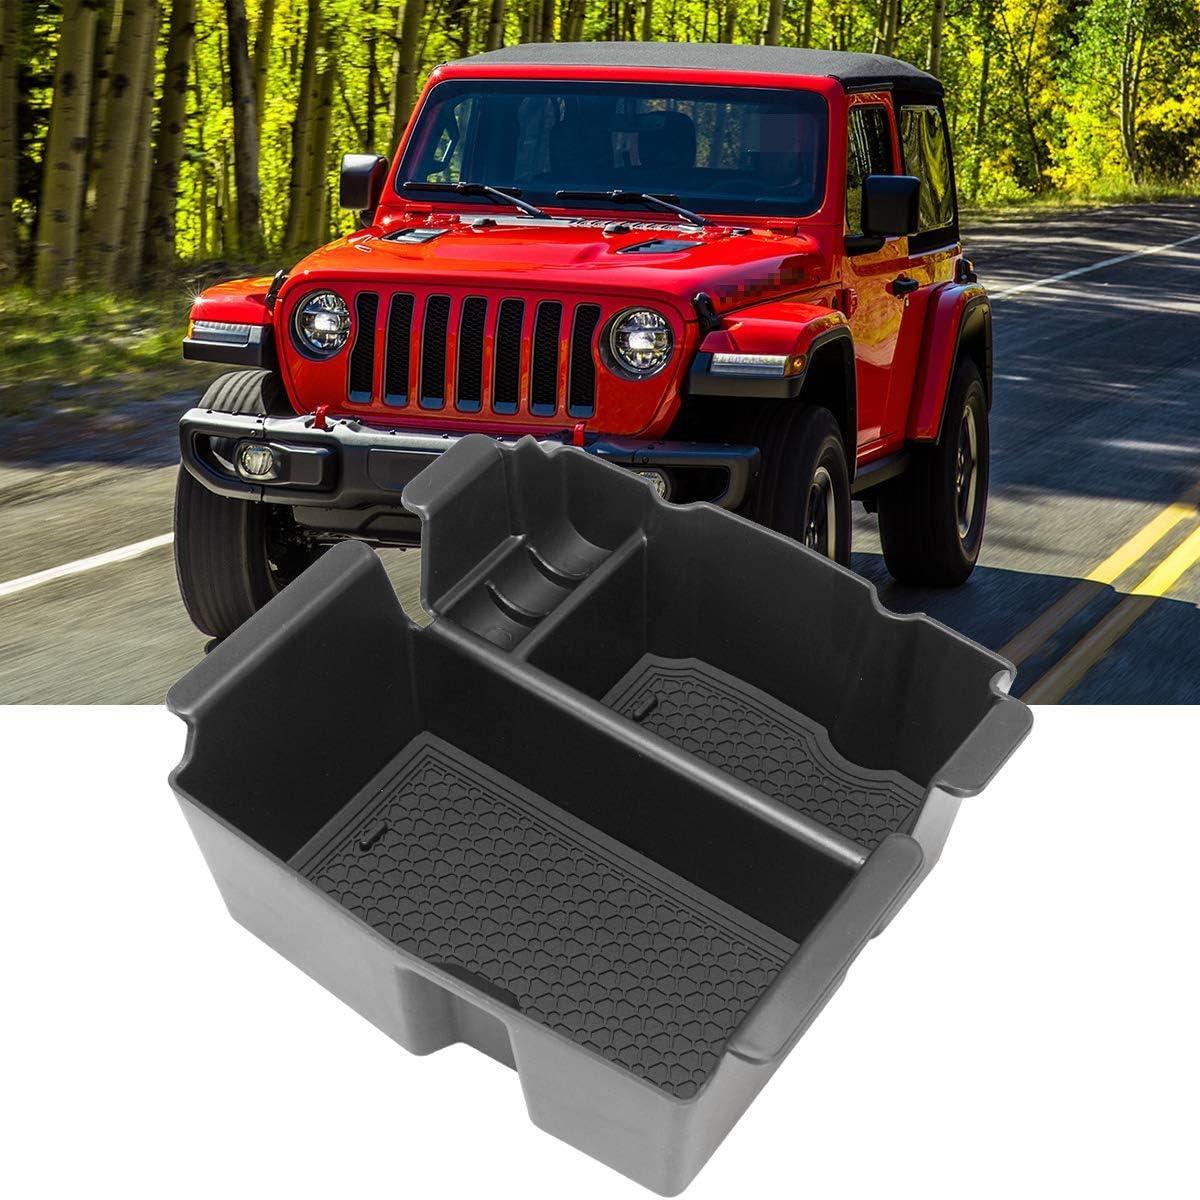 Littou Mittelkonsole Armlehne Aufbewahrungsbox Handschuh Box Einsatz Organizer Tablett Kompatibel Für Wrangler Jl 2018 2019 Auto